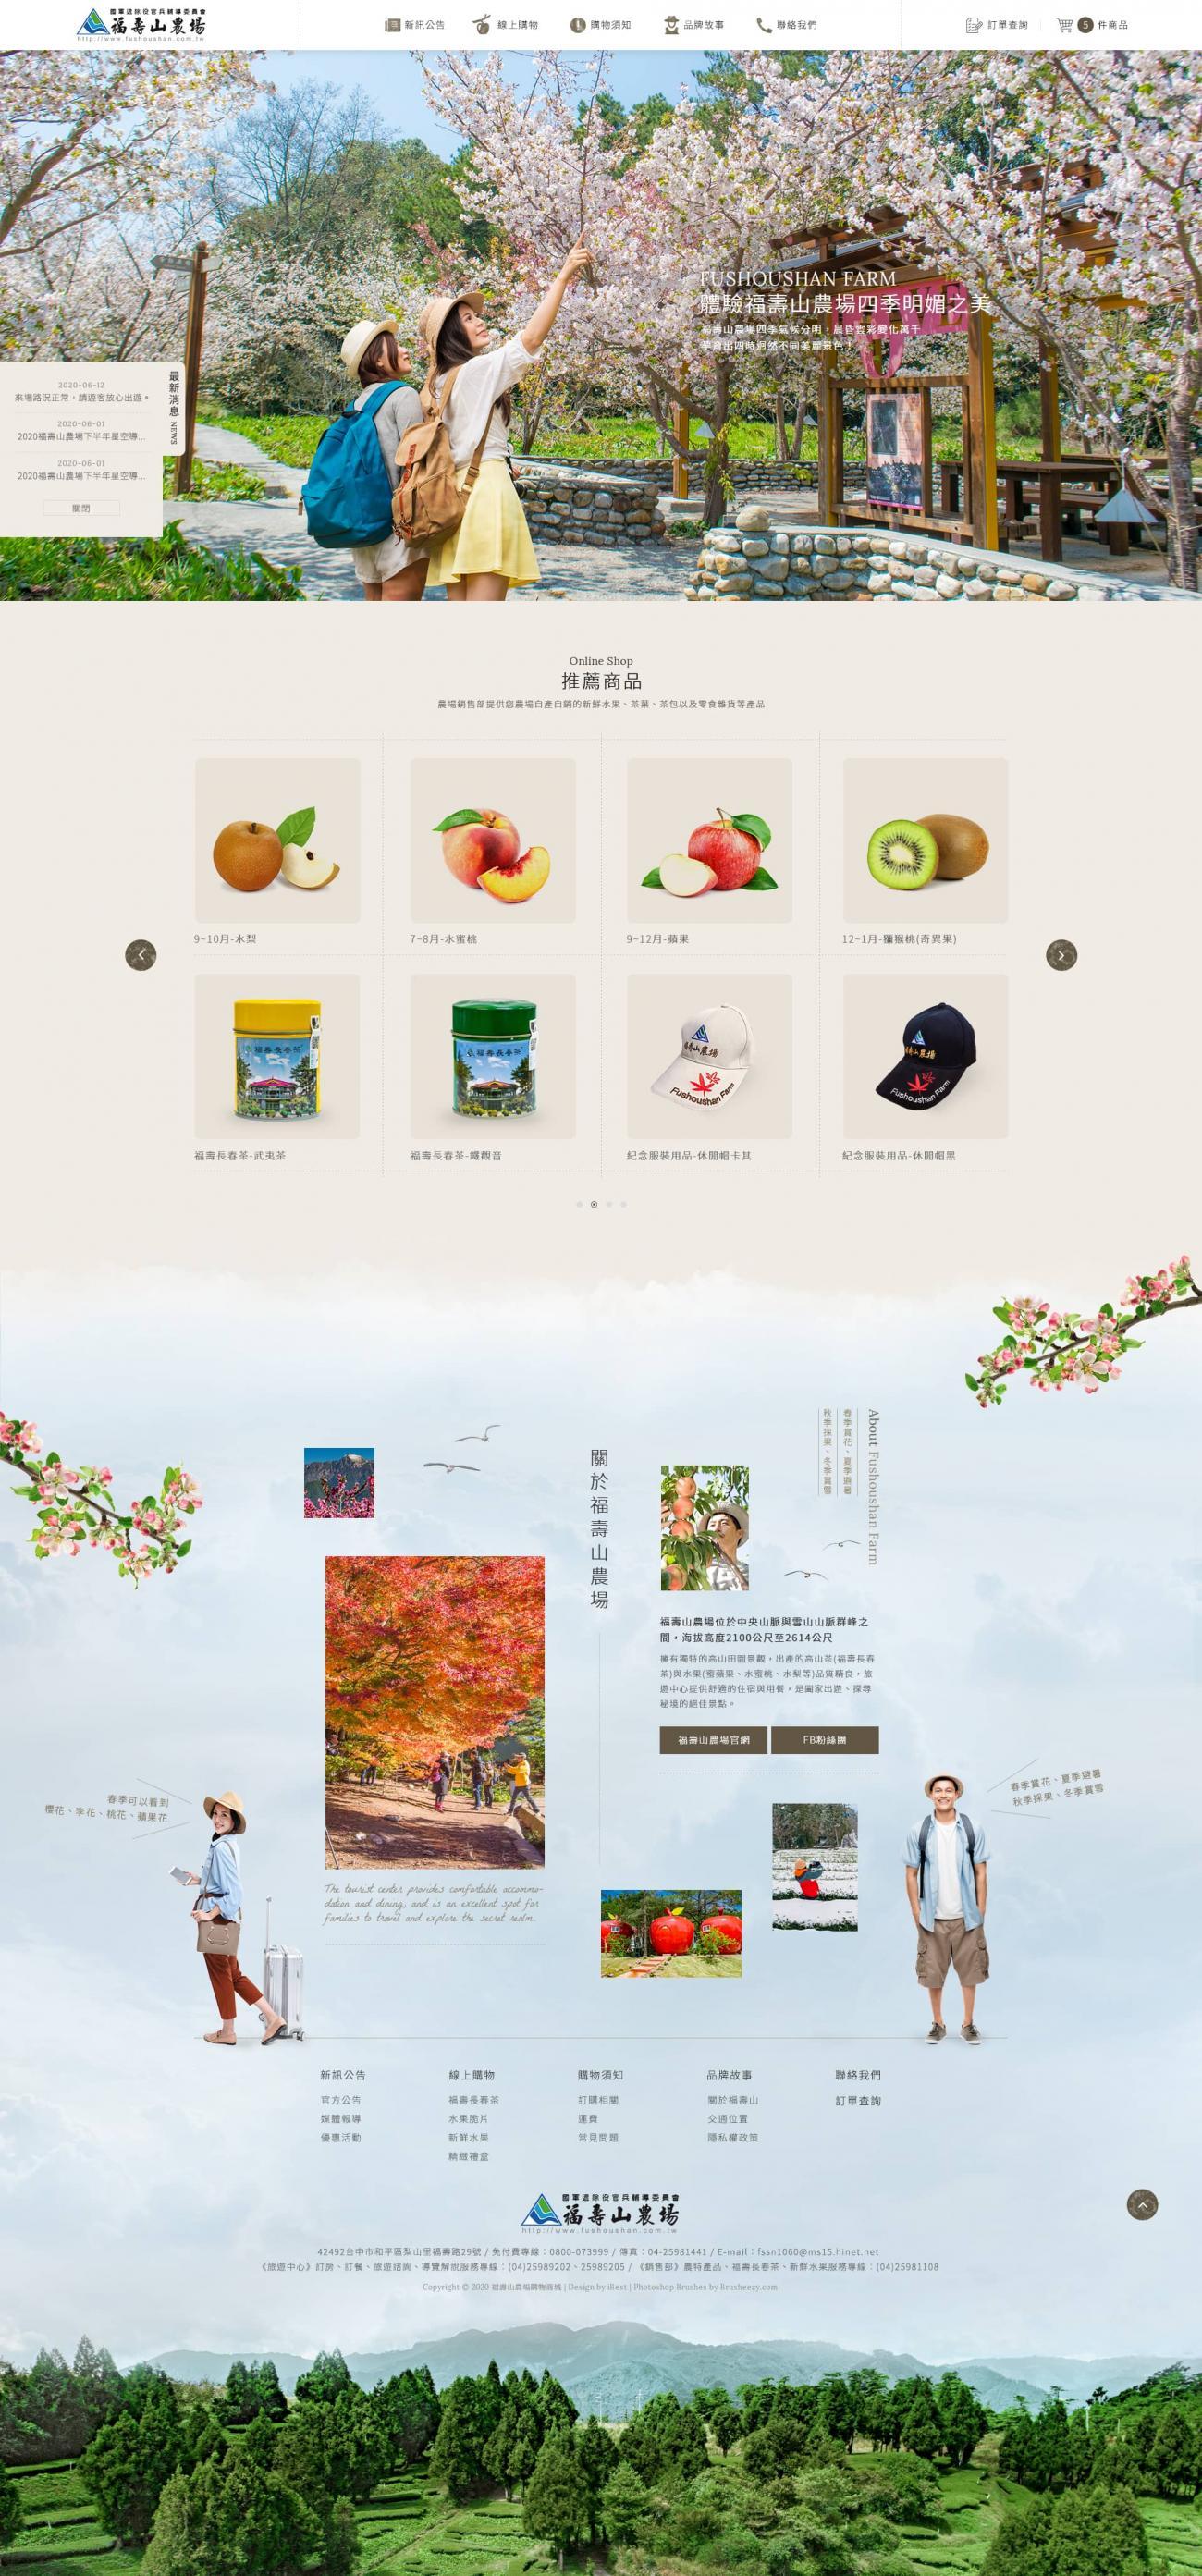 福壽山農場-網頁設計